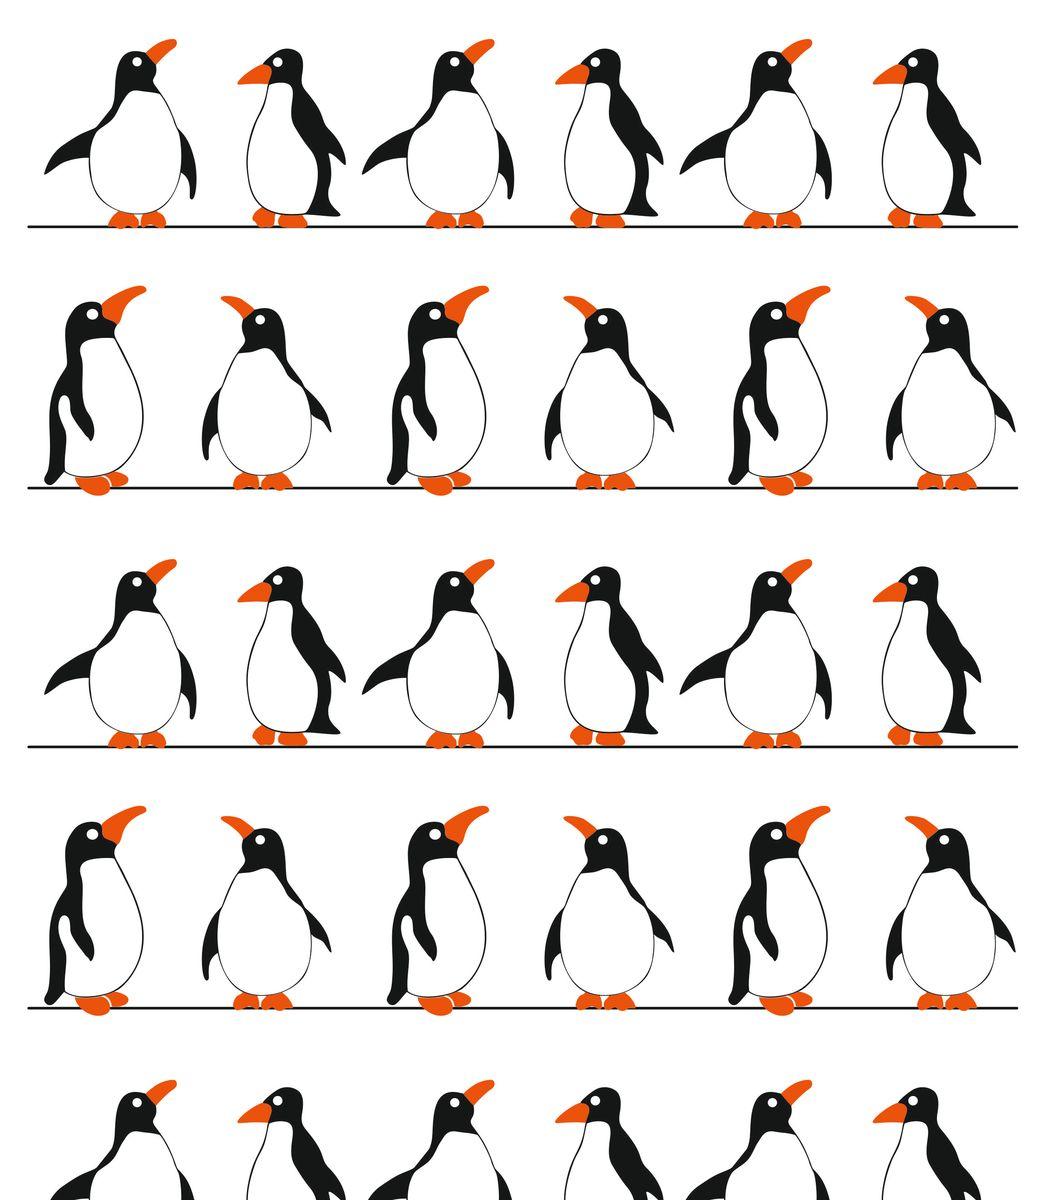 Штора для ванной комнаты Vanstore Пингвины, цвет: белый, черный, оранжевый, 180 х 180 см620-12Шторы для ванной Пингвины PEVA • peva 0,12 • содержание eva 30%; • размер 180х180; • 12 колец в комплекте; • упаковка - ПВХ пакет с подвесом. • Толщина 0,12мм